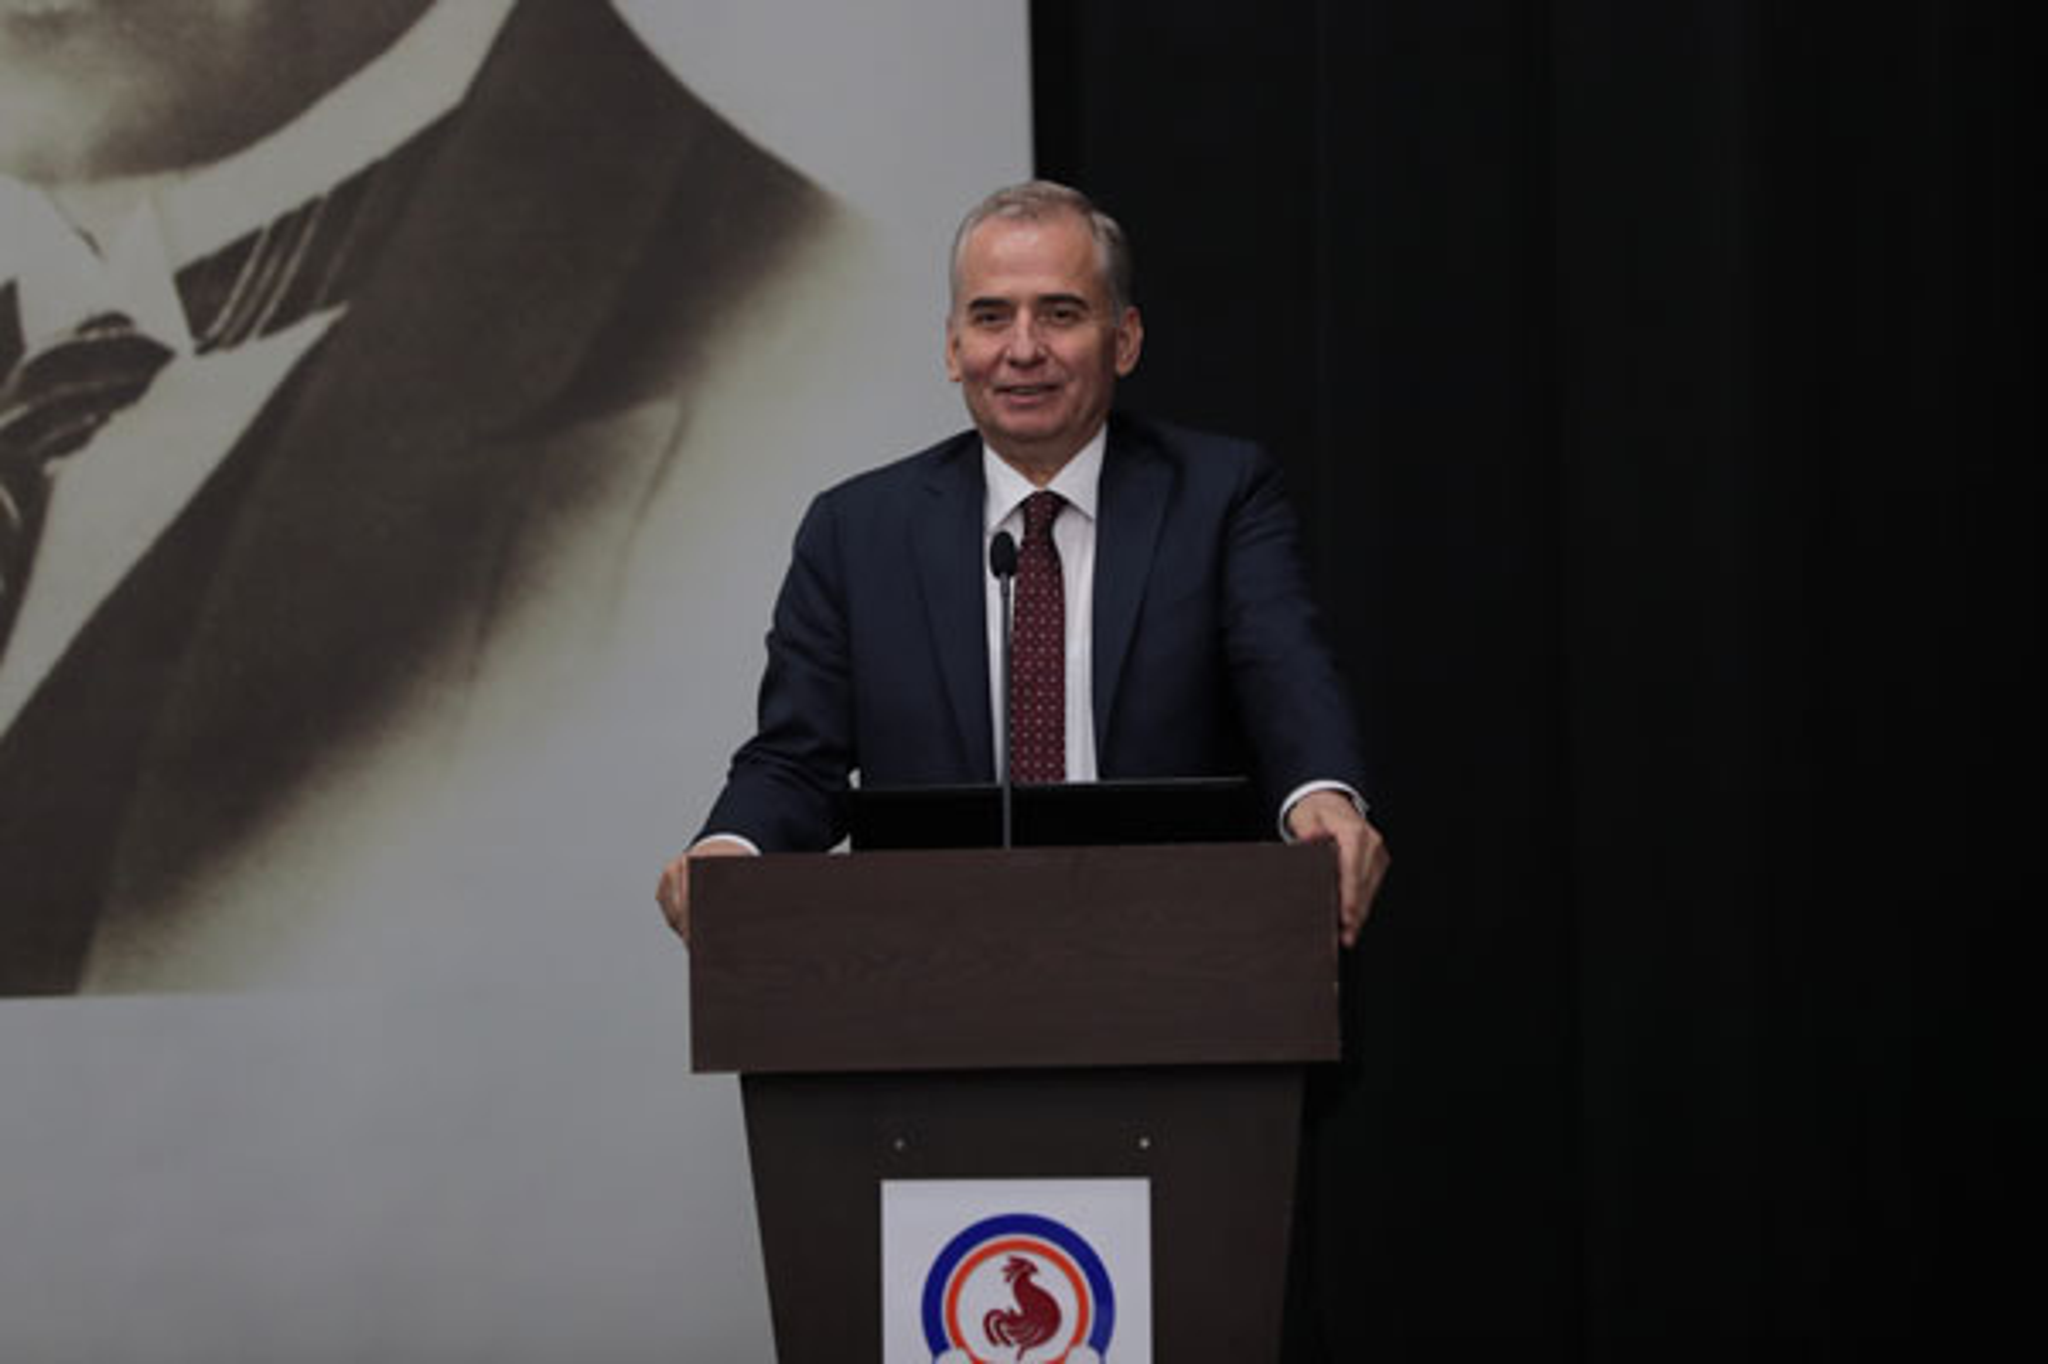 Büyükşehir Belediye Başkanı Osman Zolan 2 - MİRYOKEFALON ZAFERİ'NİN 843. YILDÖNÜMÜ